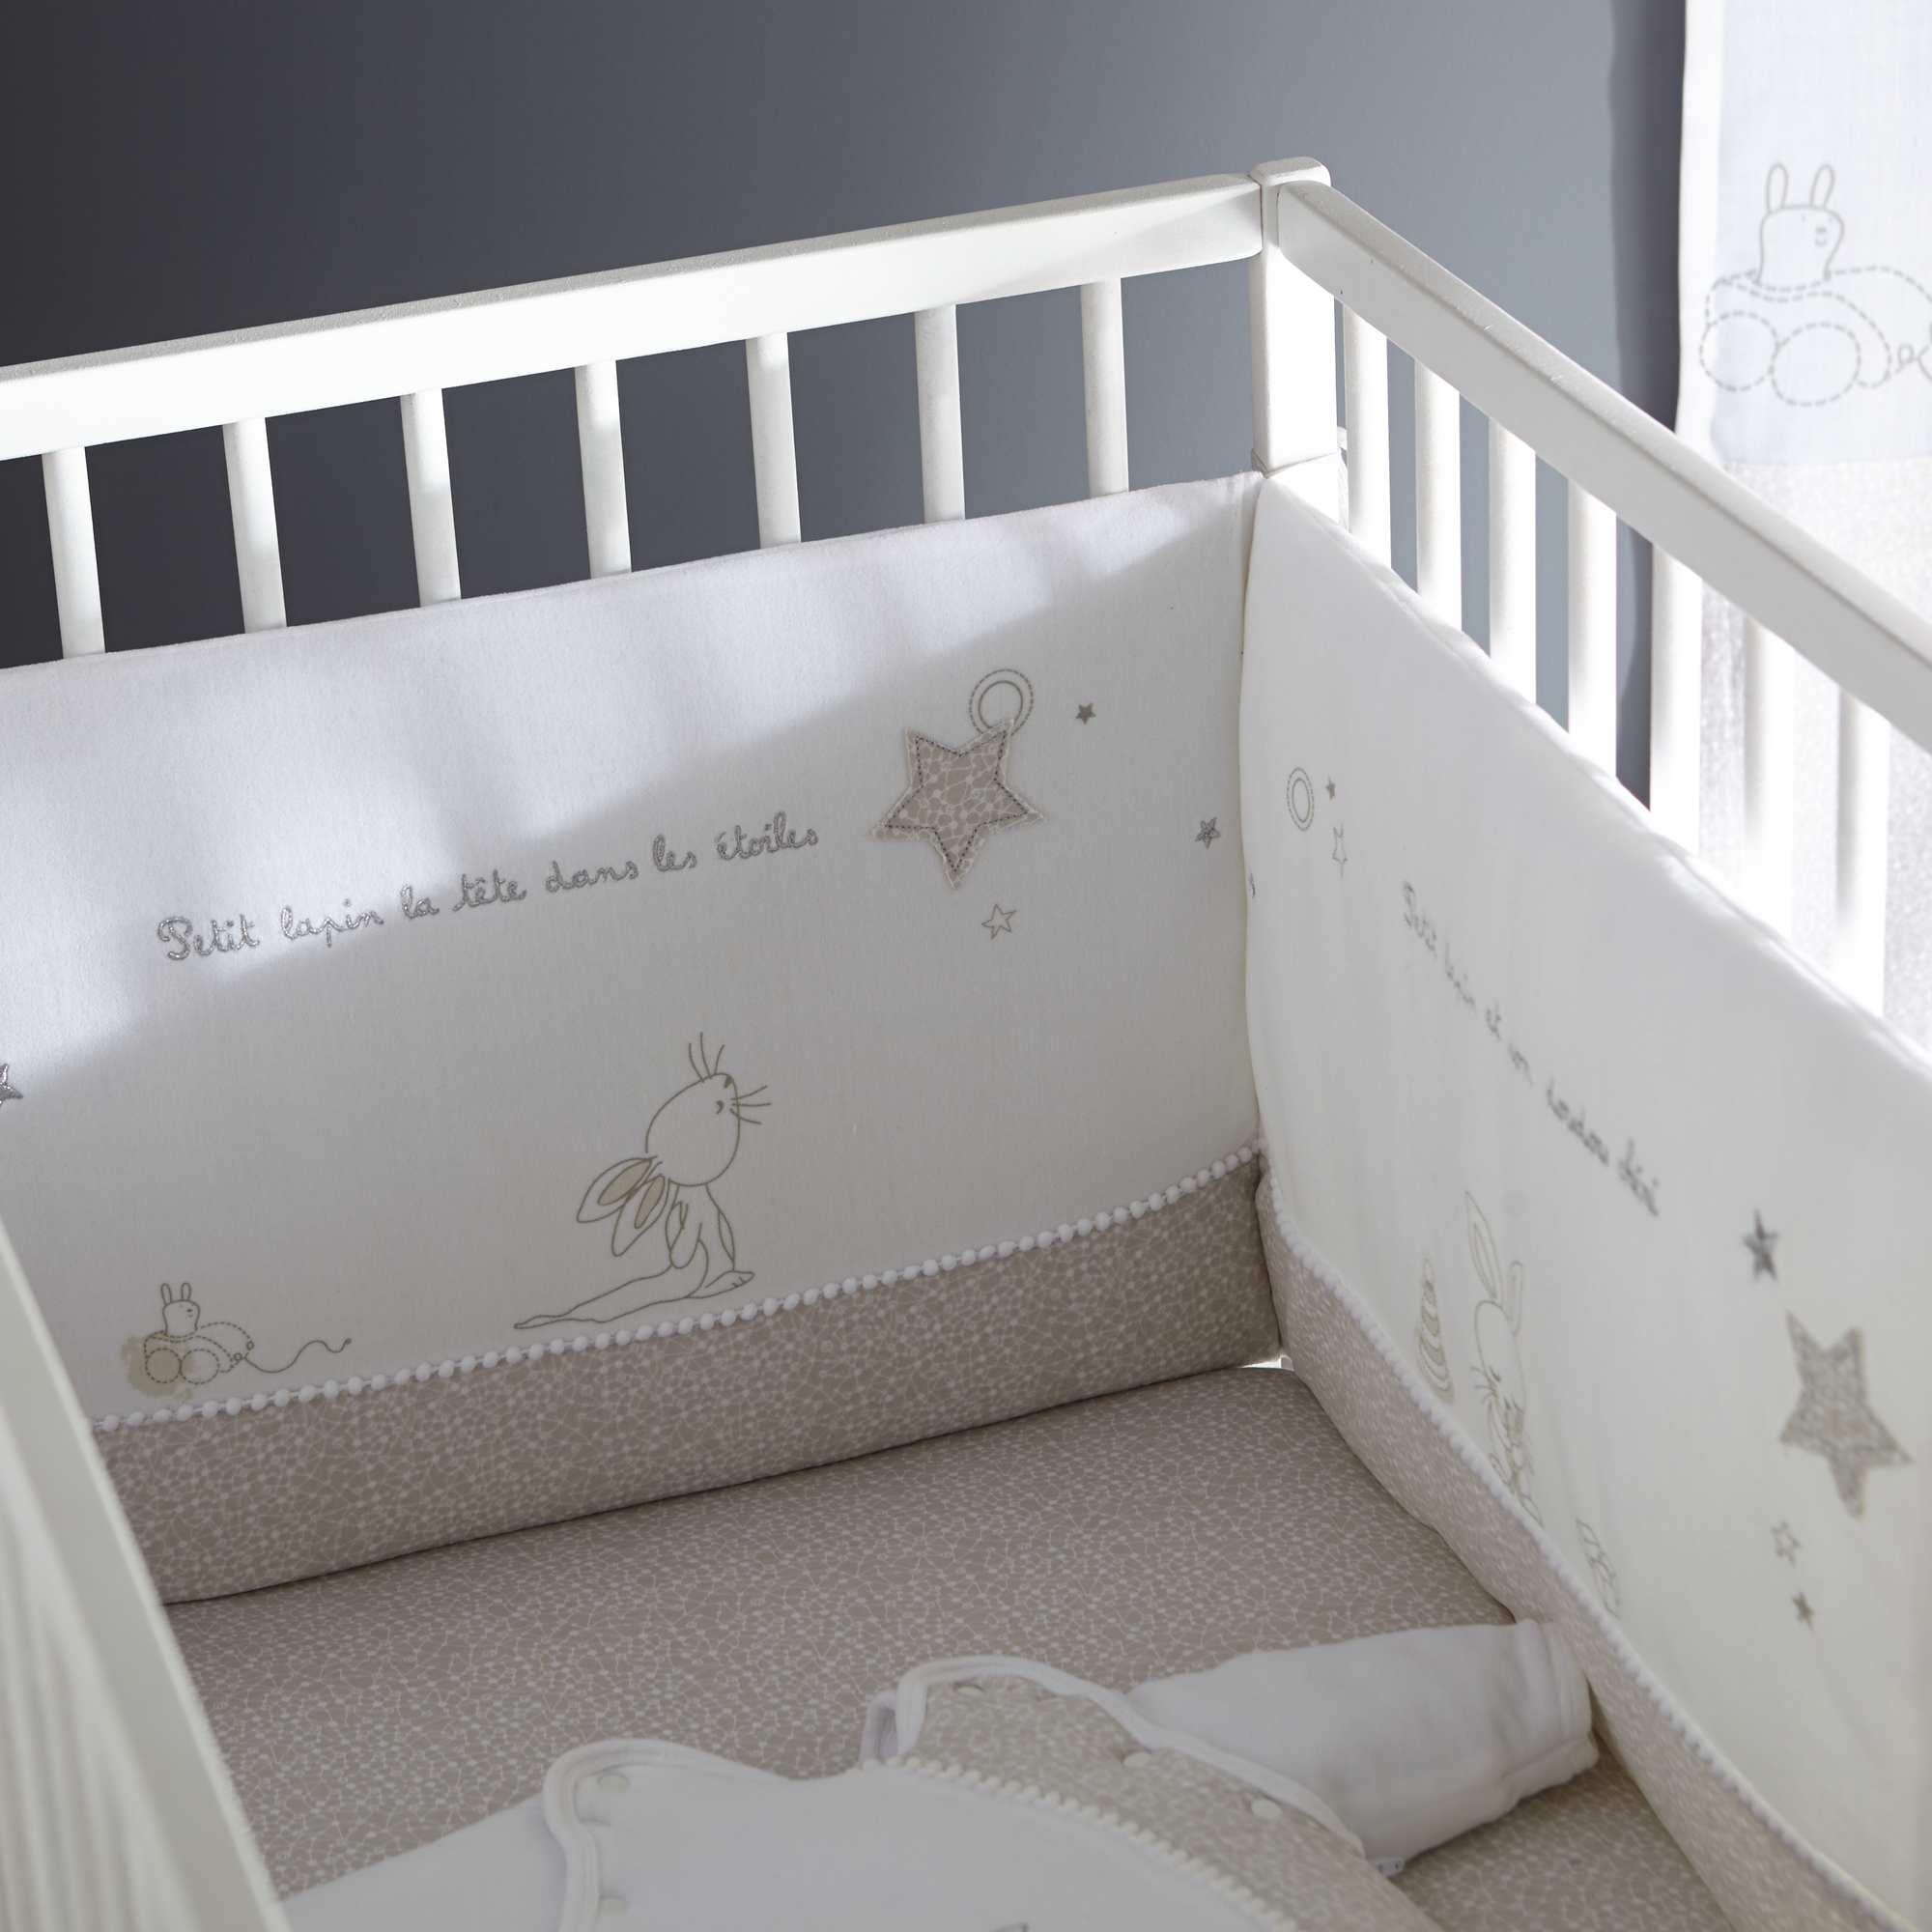 tour de lit velours brod blanc bb fille babies rooms kids rooms baby room - Tour De Lit Kiabi